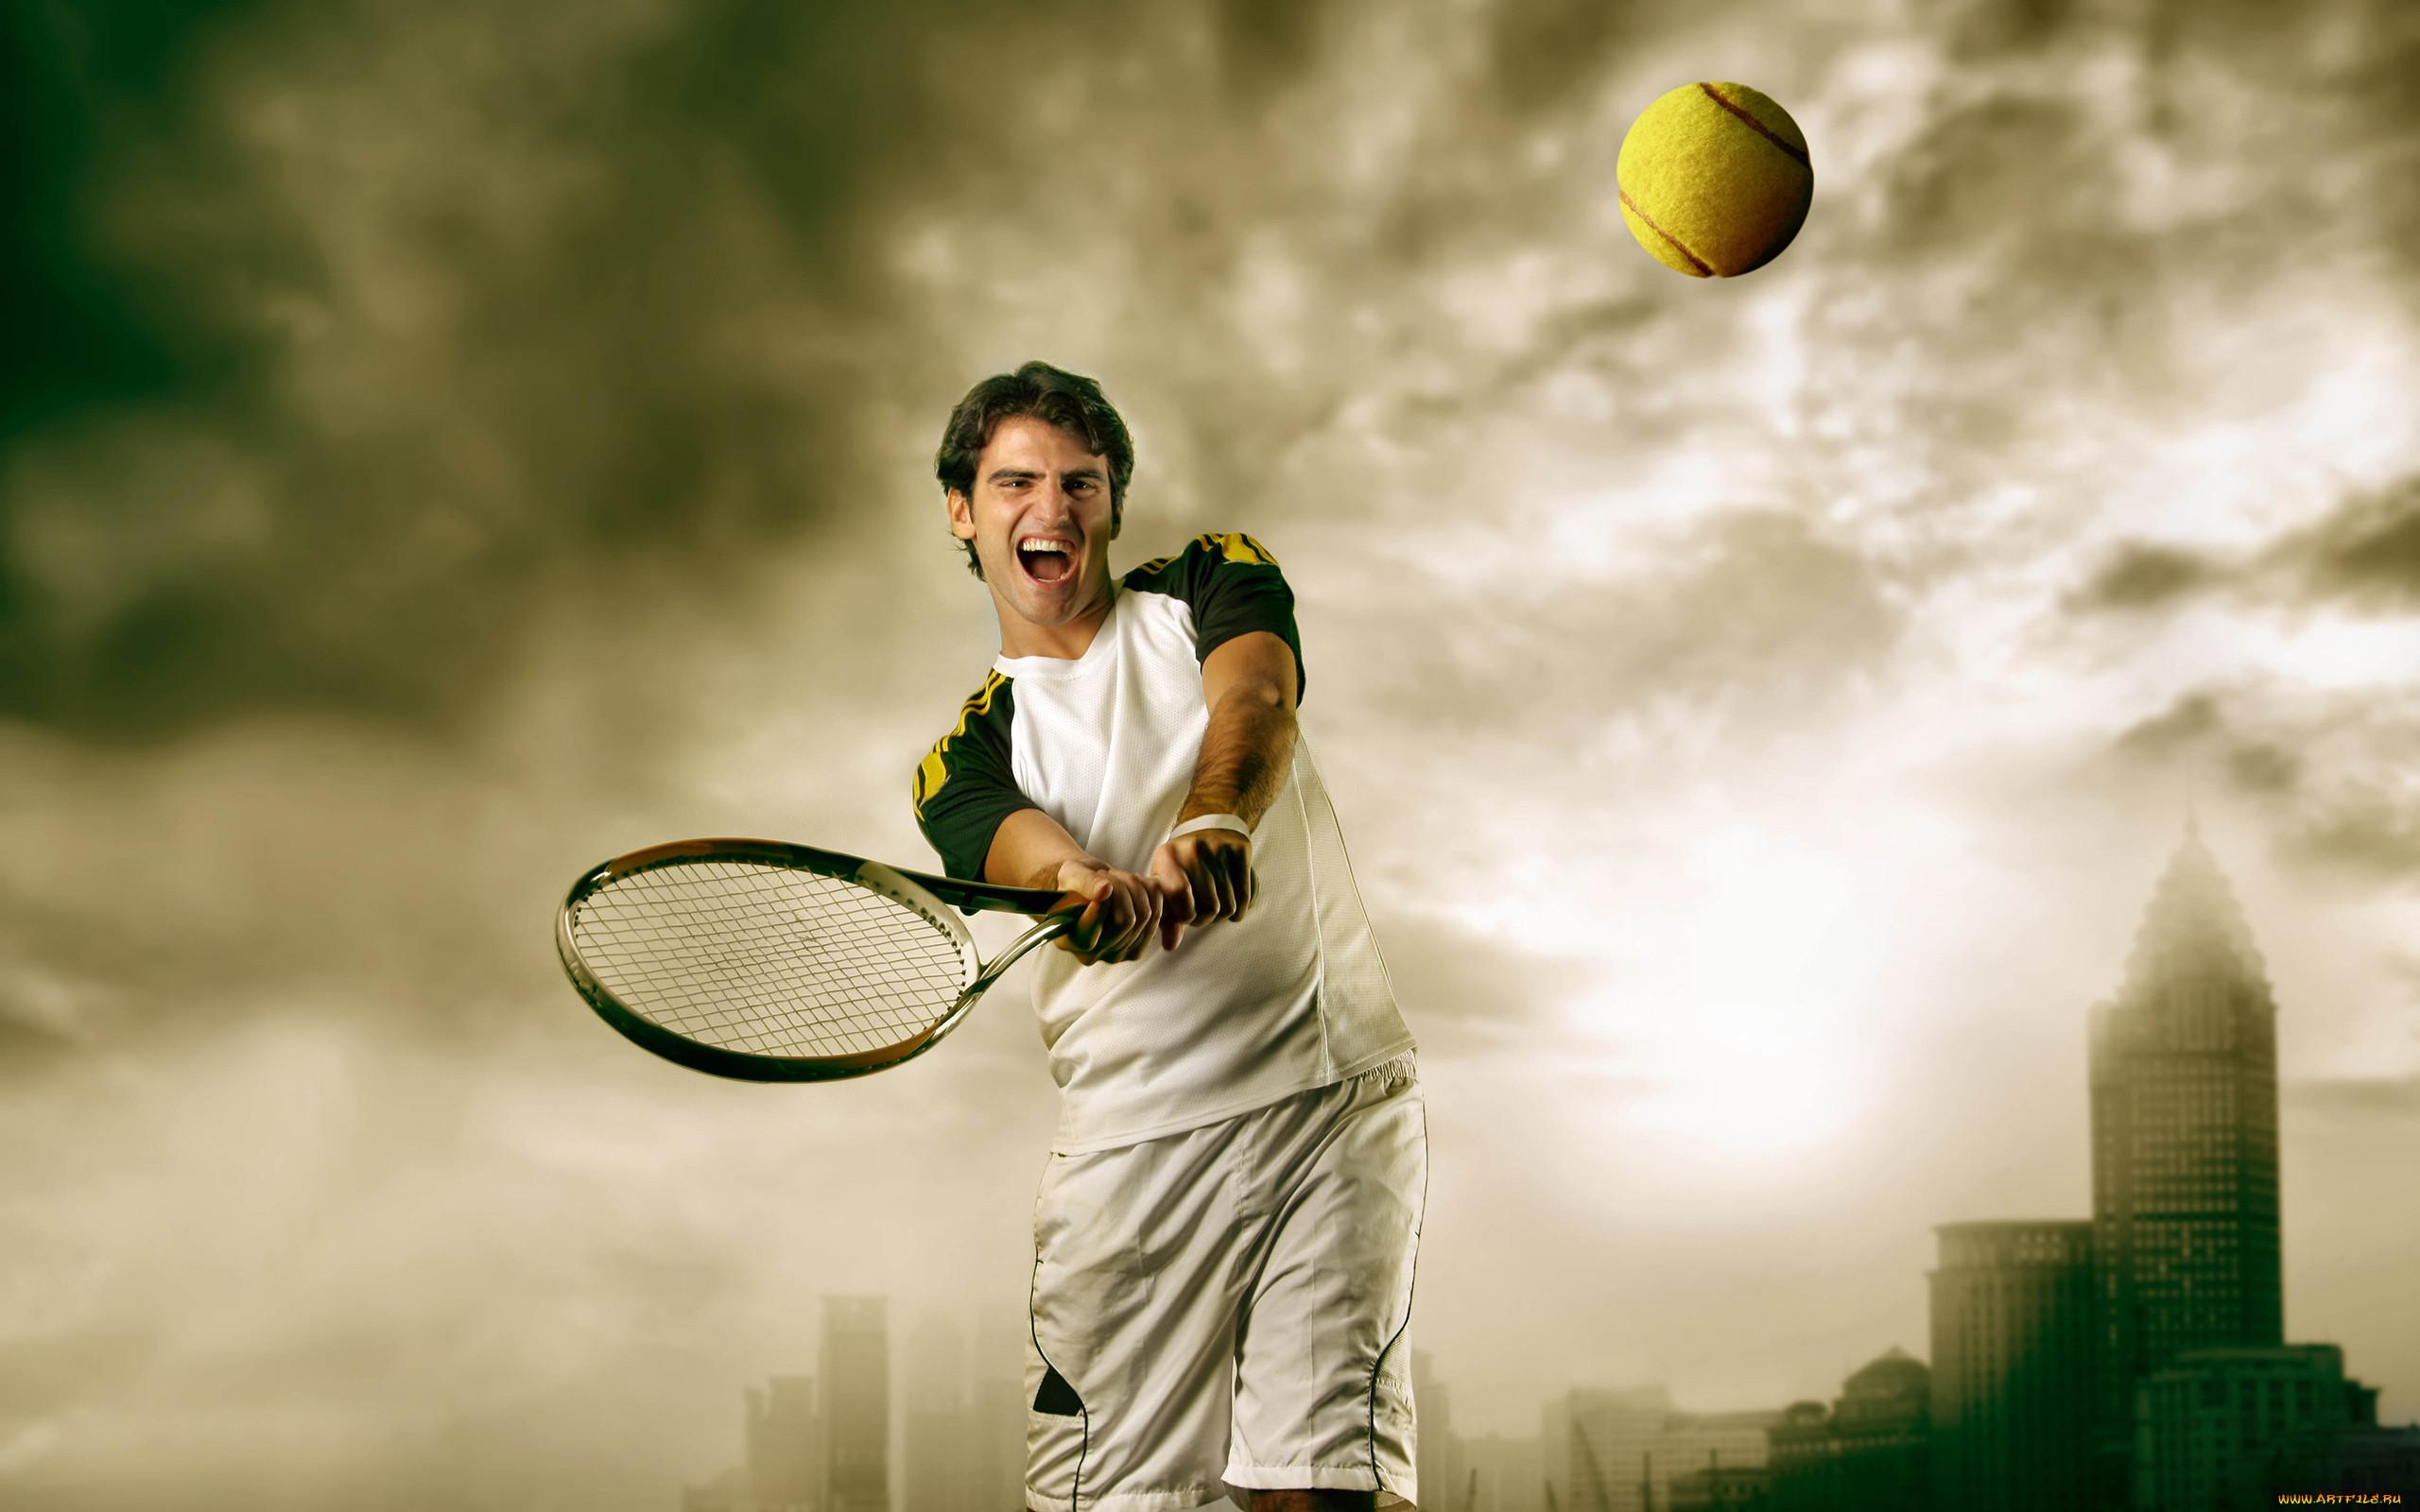 спортивные картинки широкие лоскутная, фетровая, меха